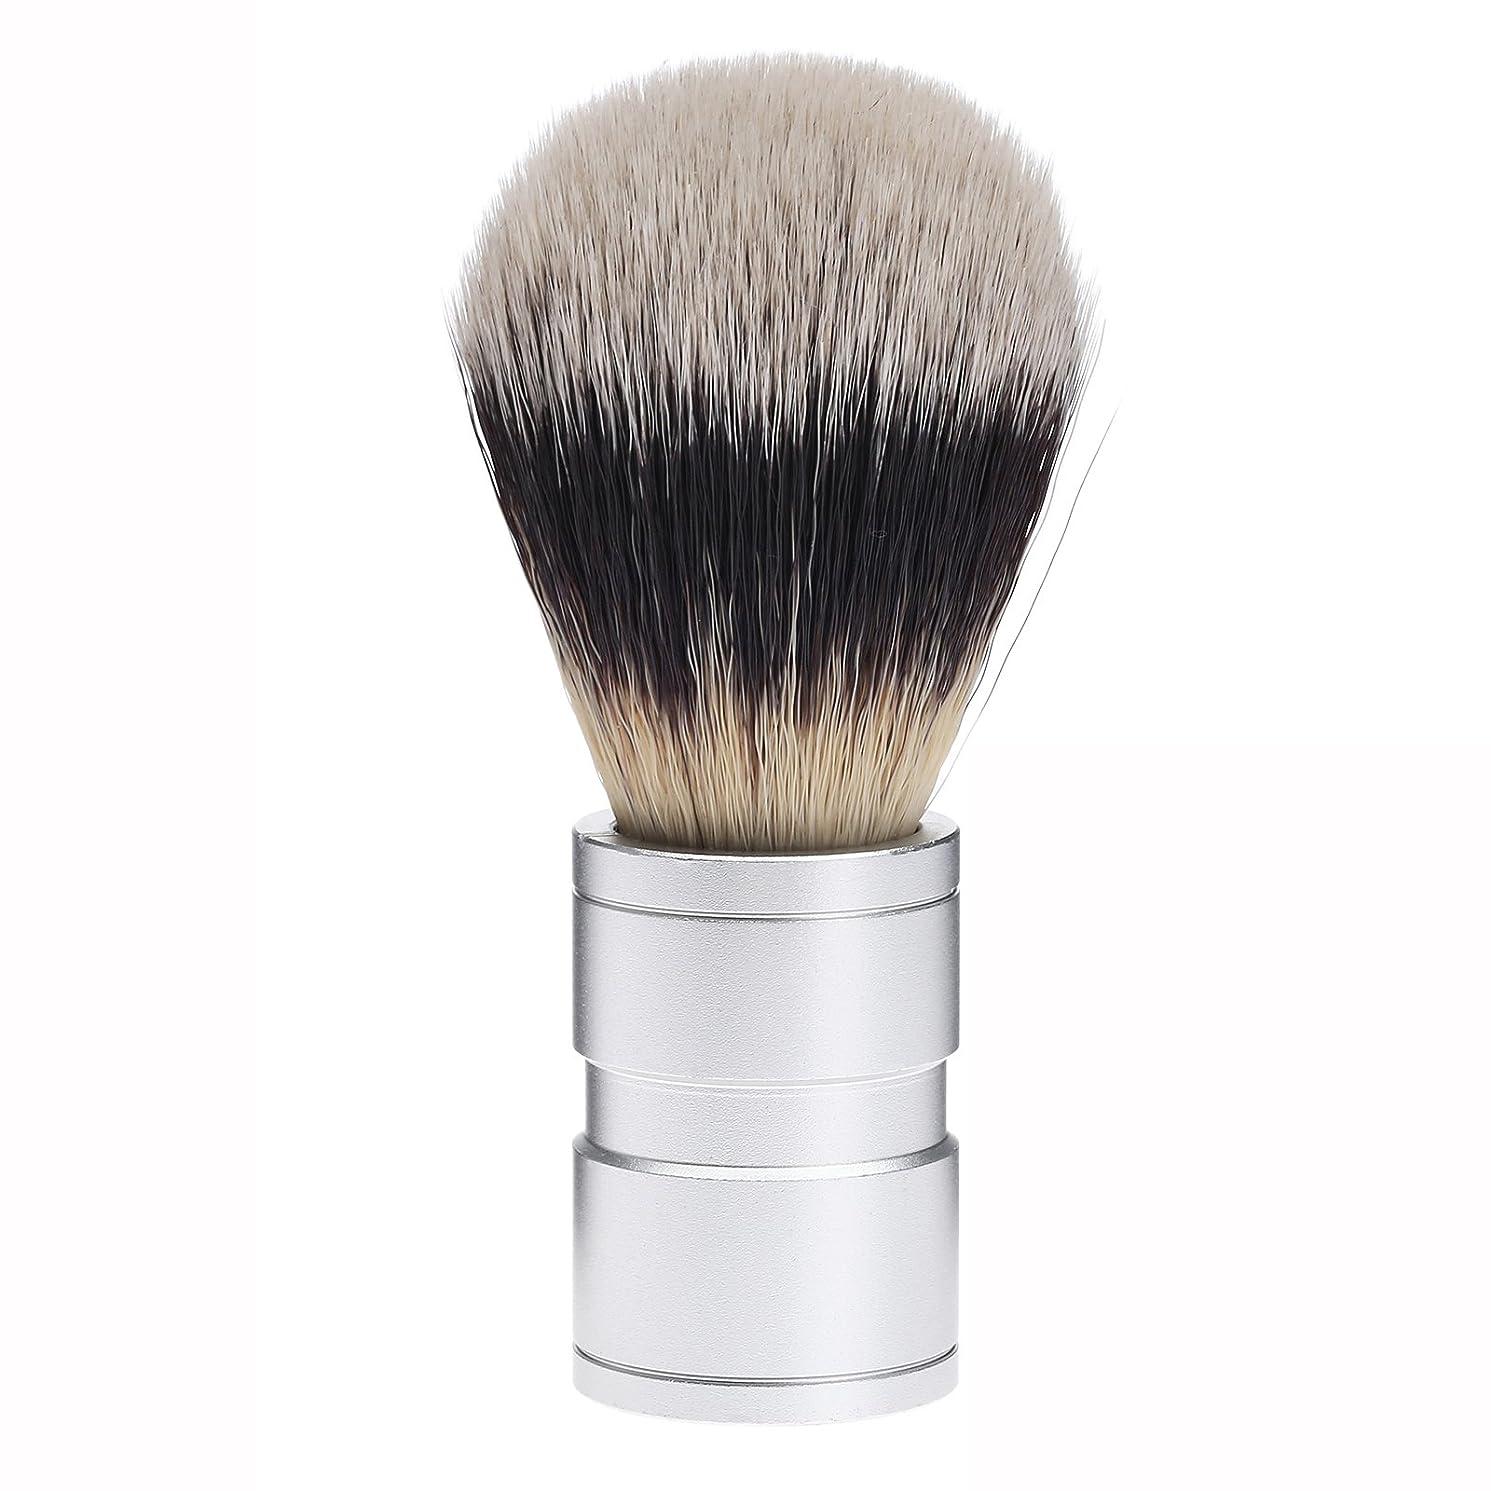 接辞インスタントスリッパDophee  シェービング用ブラシ シェービングブラシ メンズ 洗顔ブラシ イミテーションアナグマ毛 ファイン模倣 理容 洗顔 髭剃り